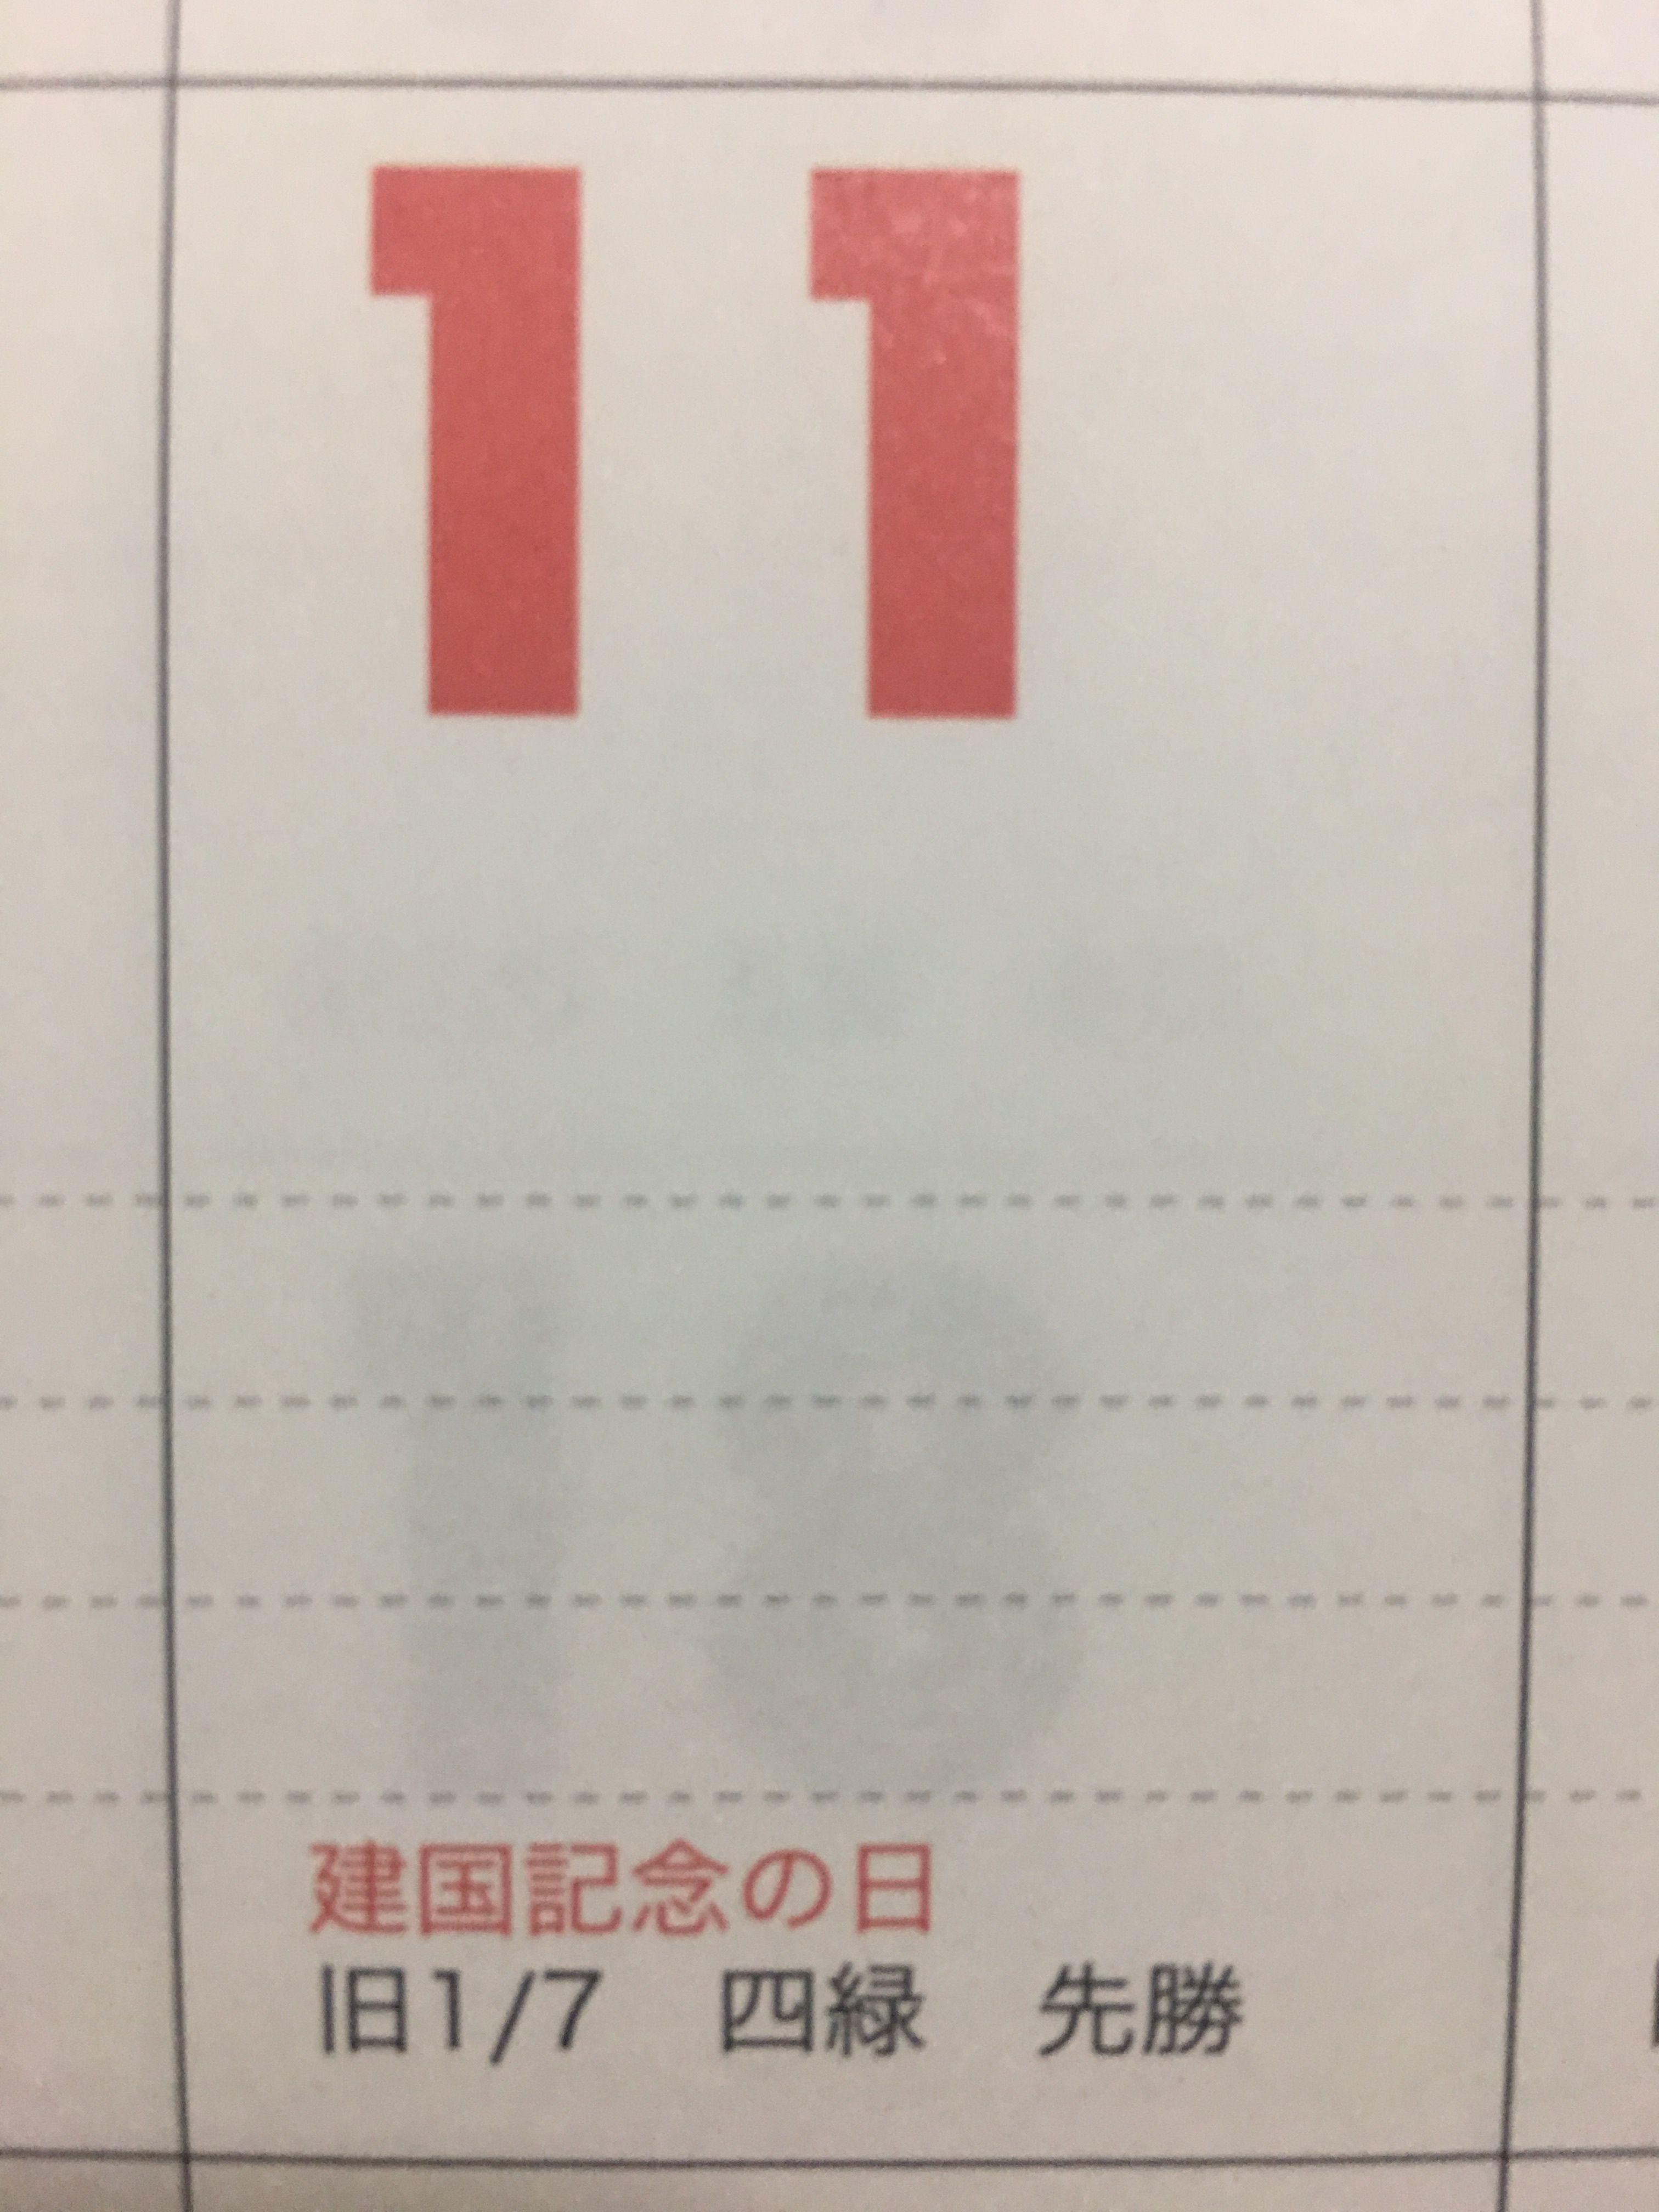 記念 日 意味 建国